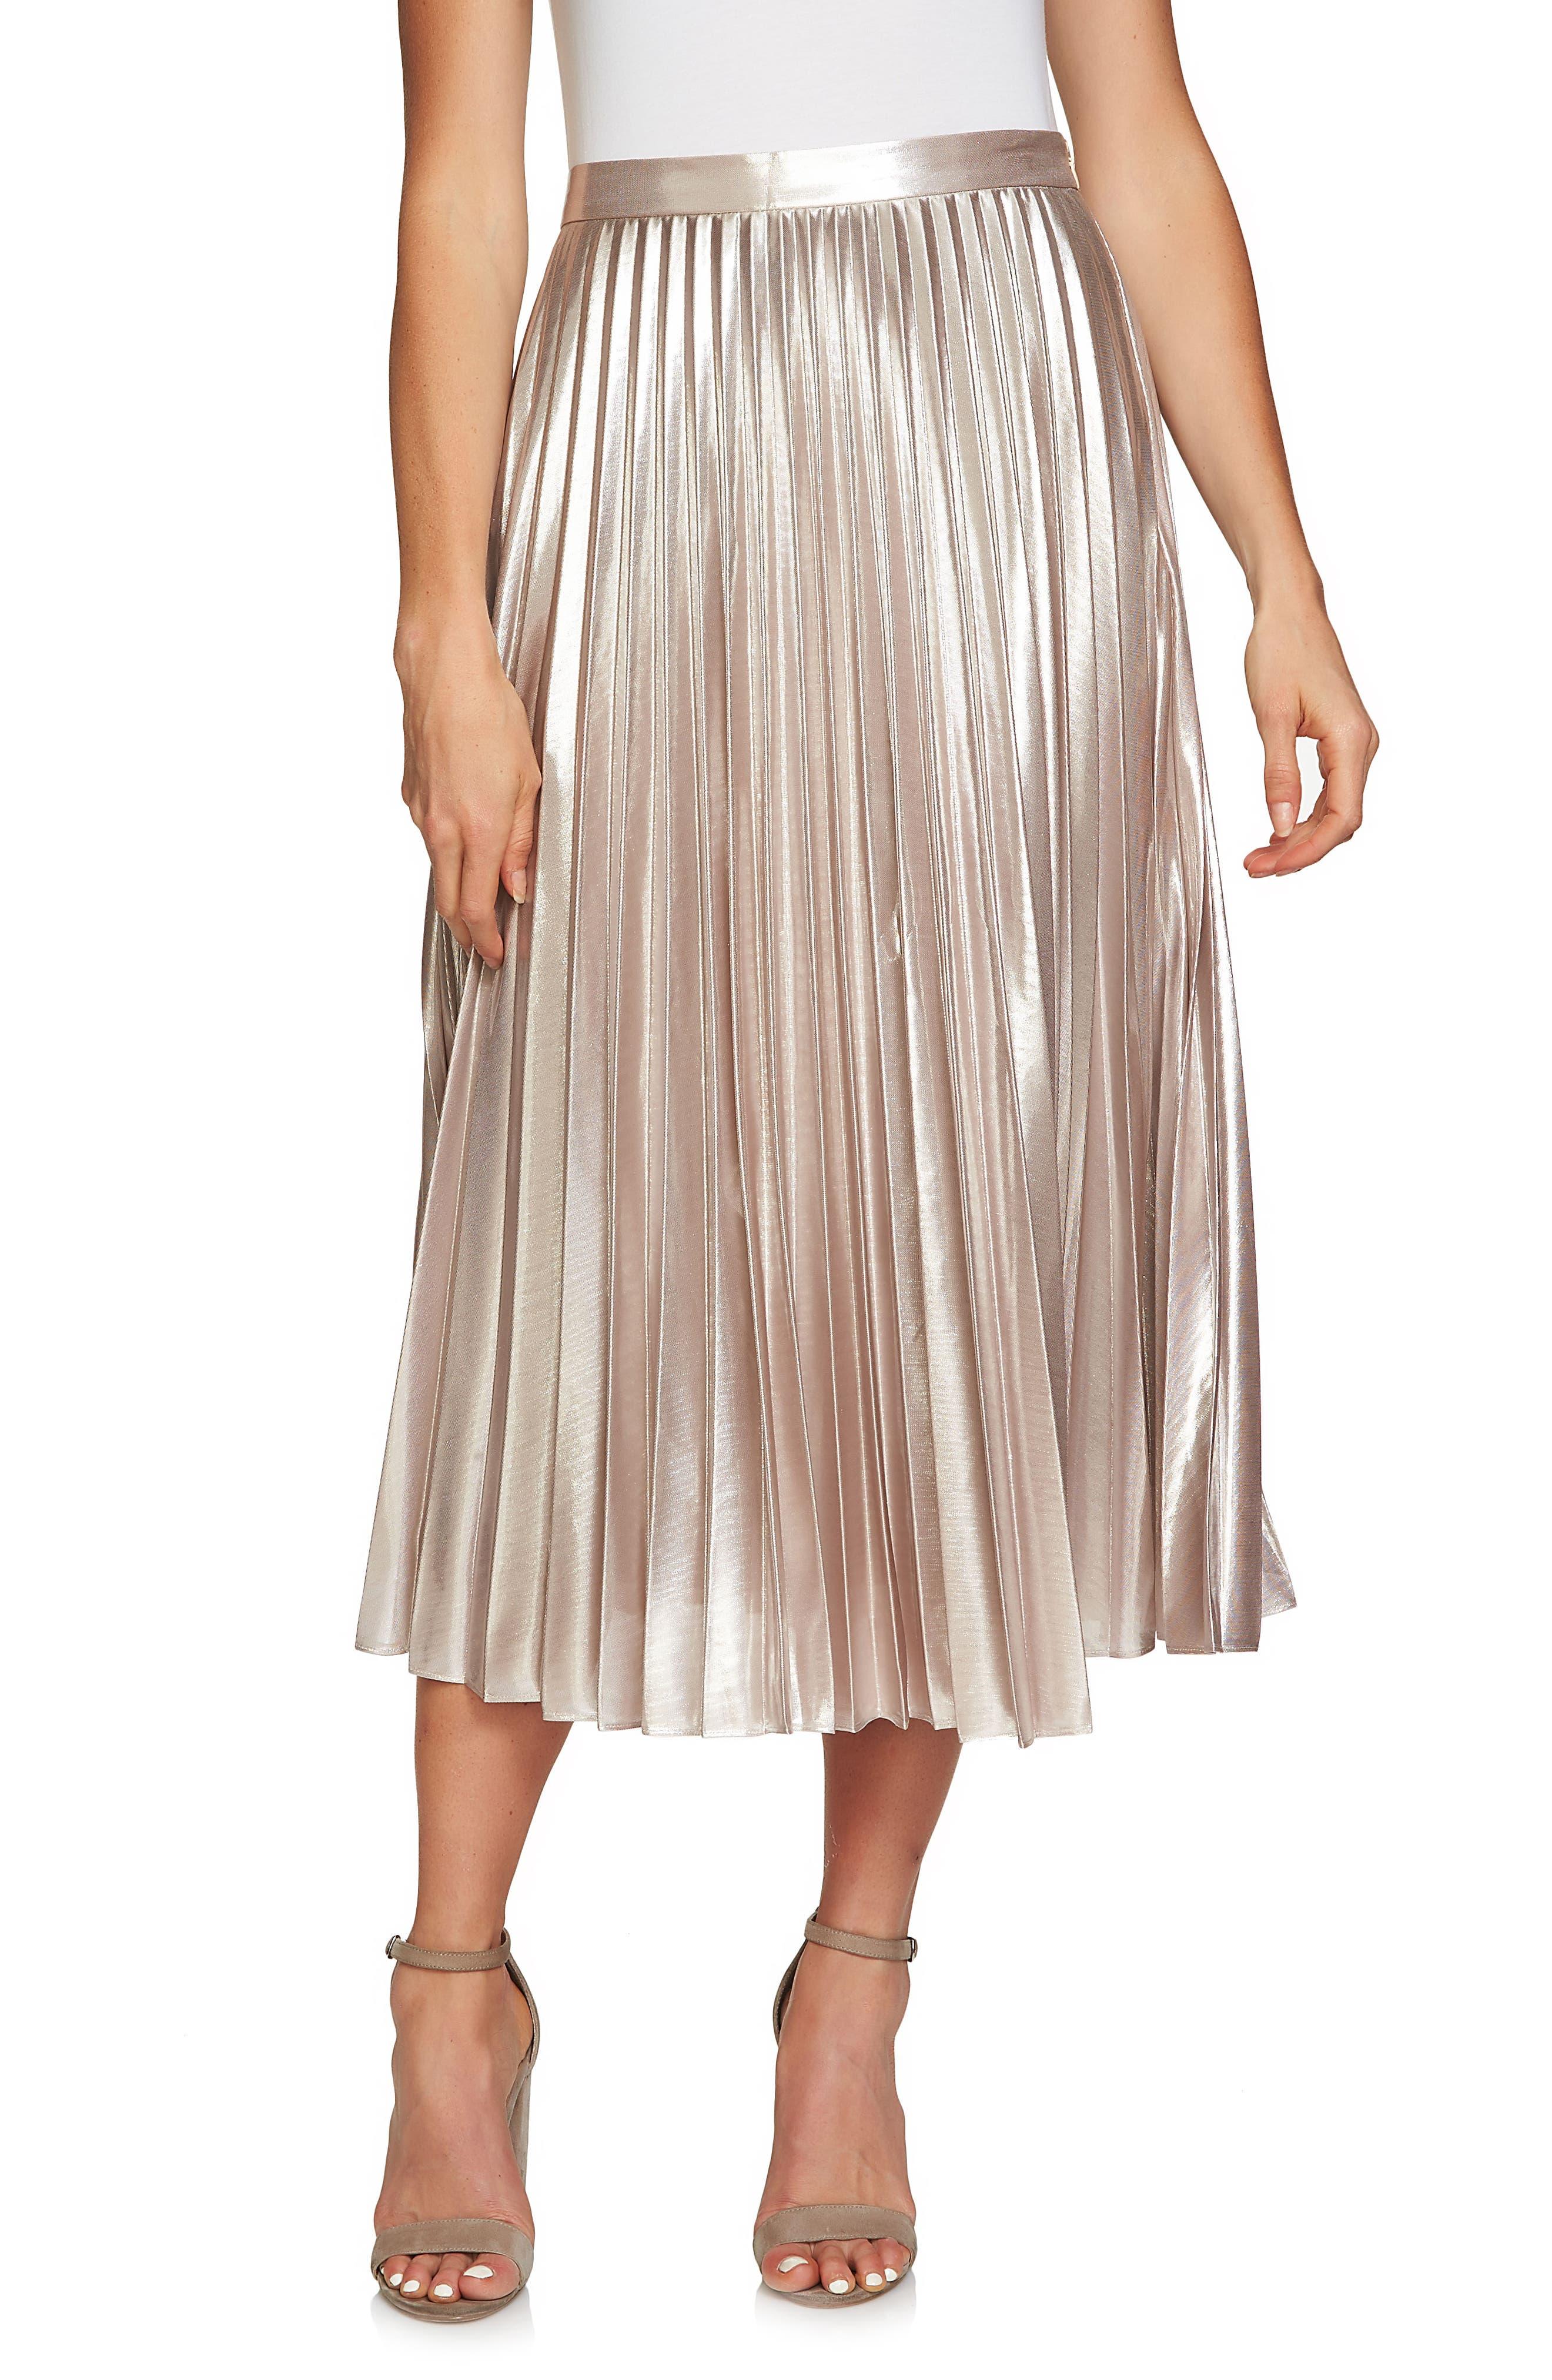 Alternate Image 1 Selected - 1.STATE Metallic Pleated Midi Skirt